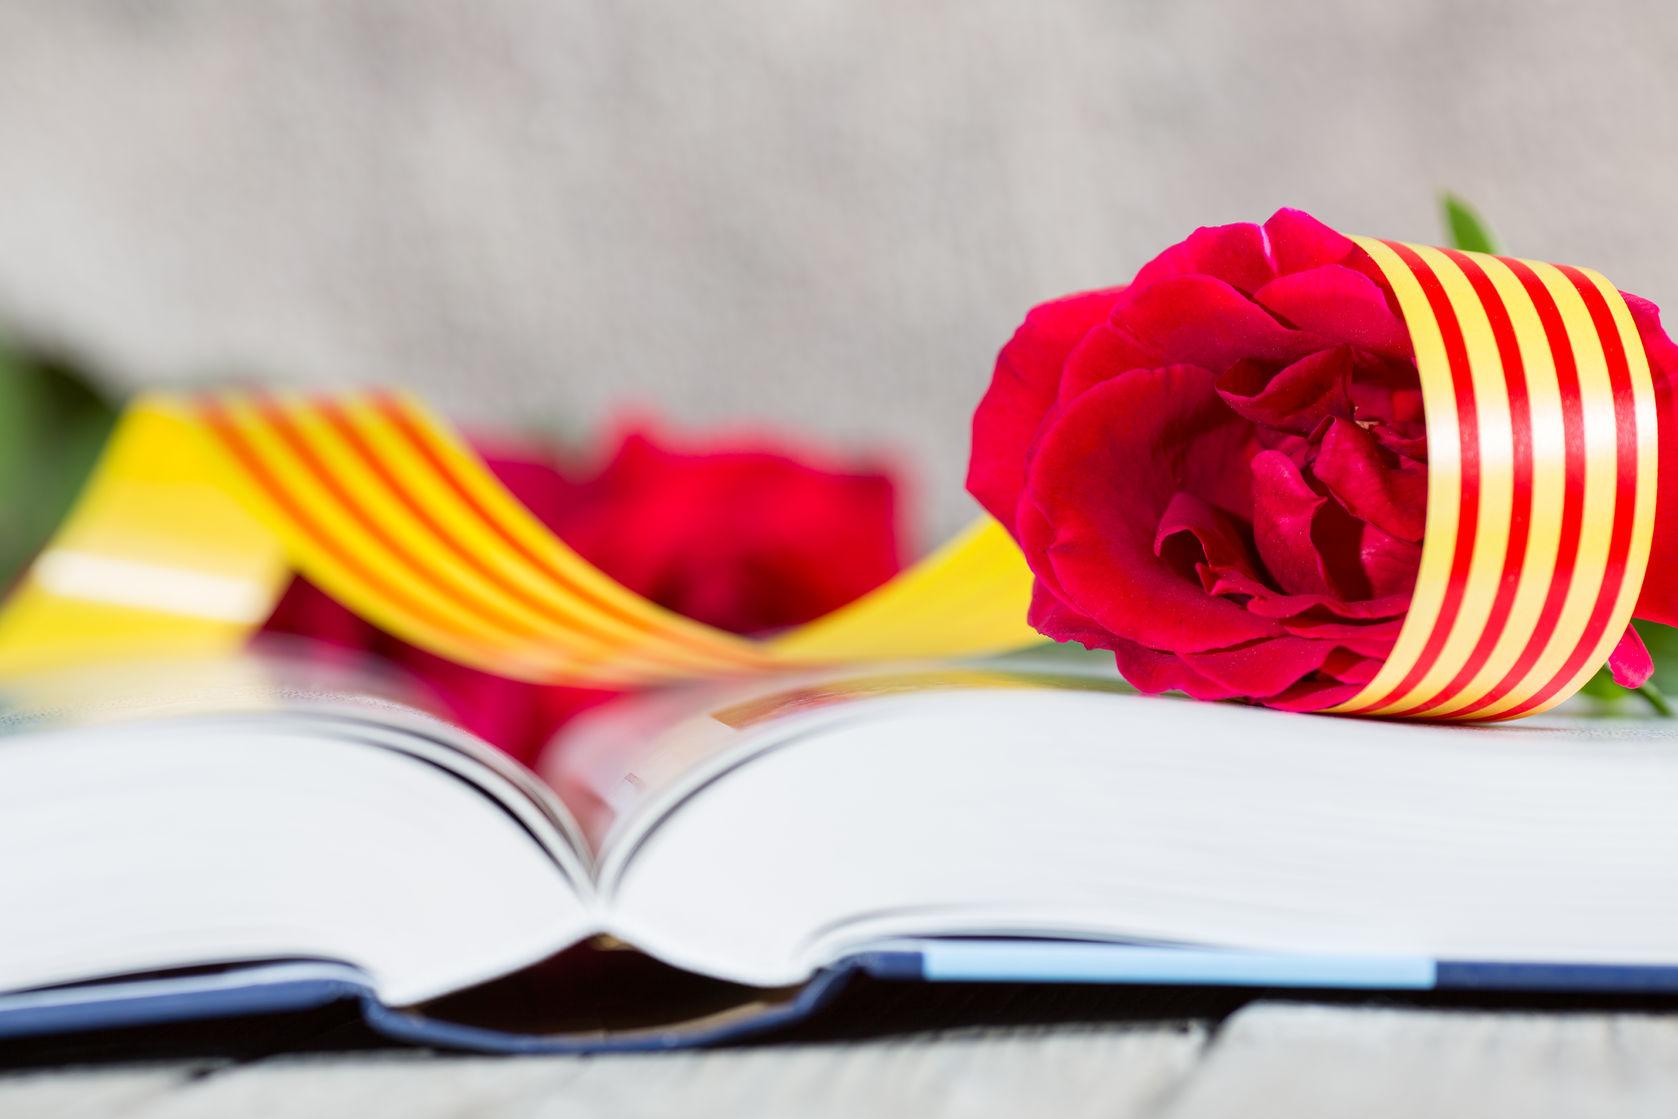 Rosa y libro.